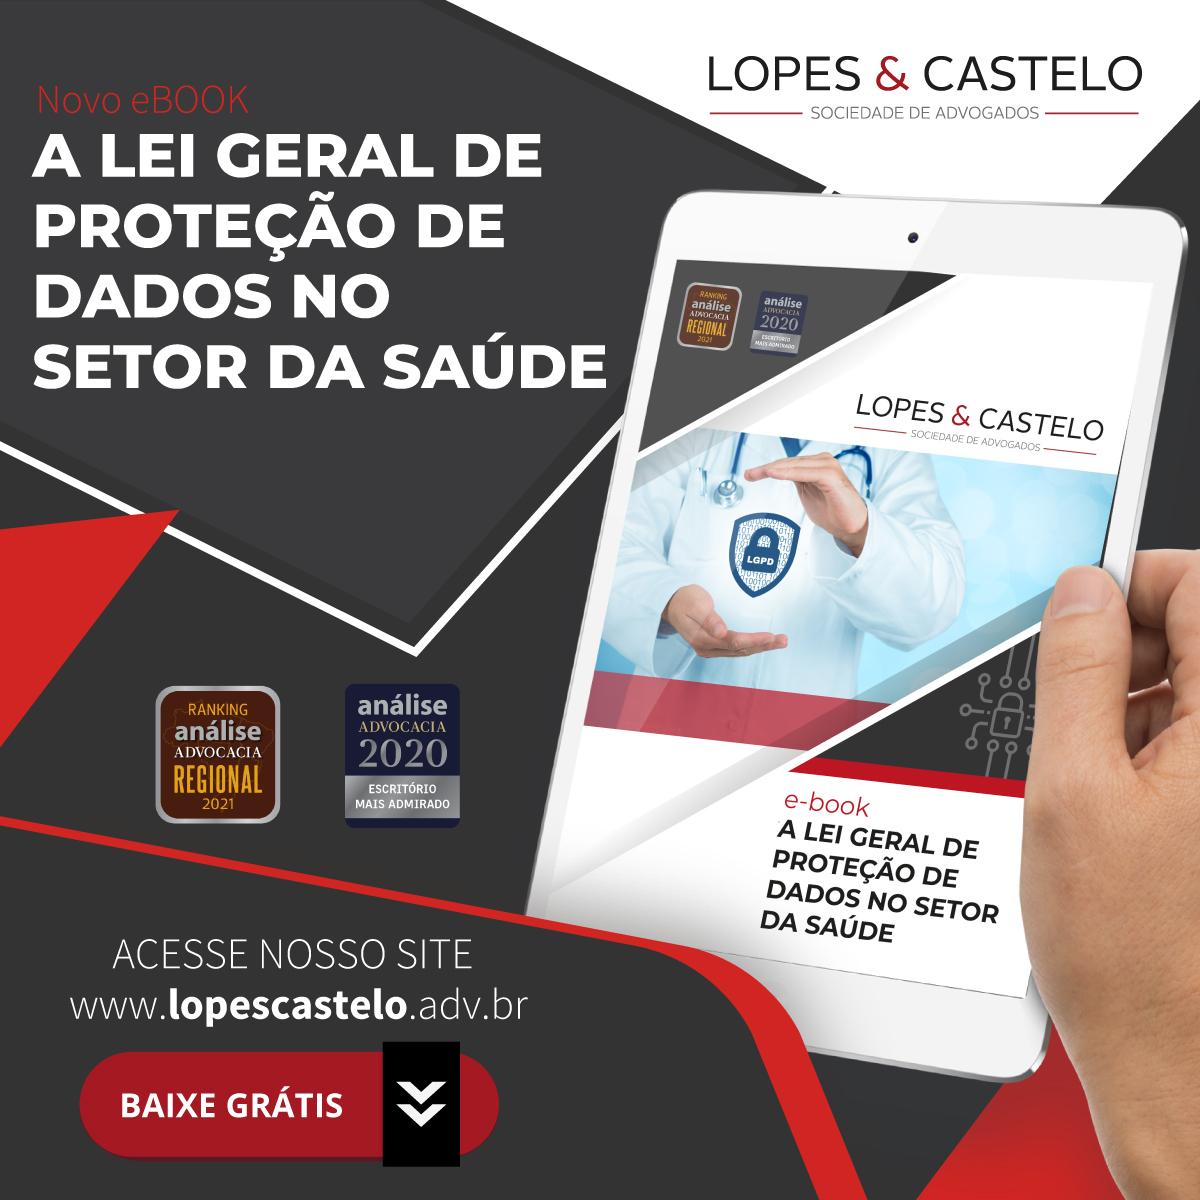 A Lei Geral de Proteção de Dados no setor da Saúde